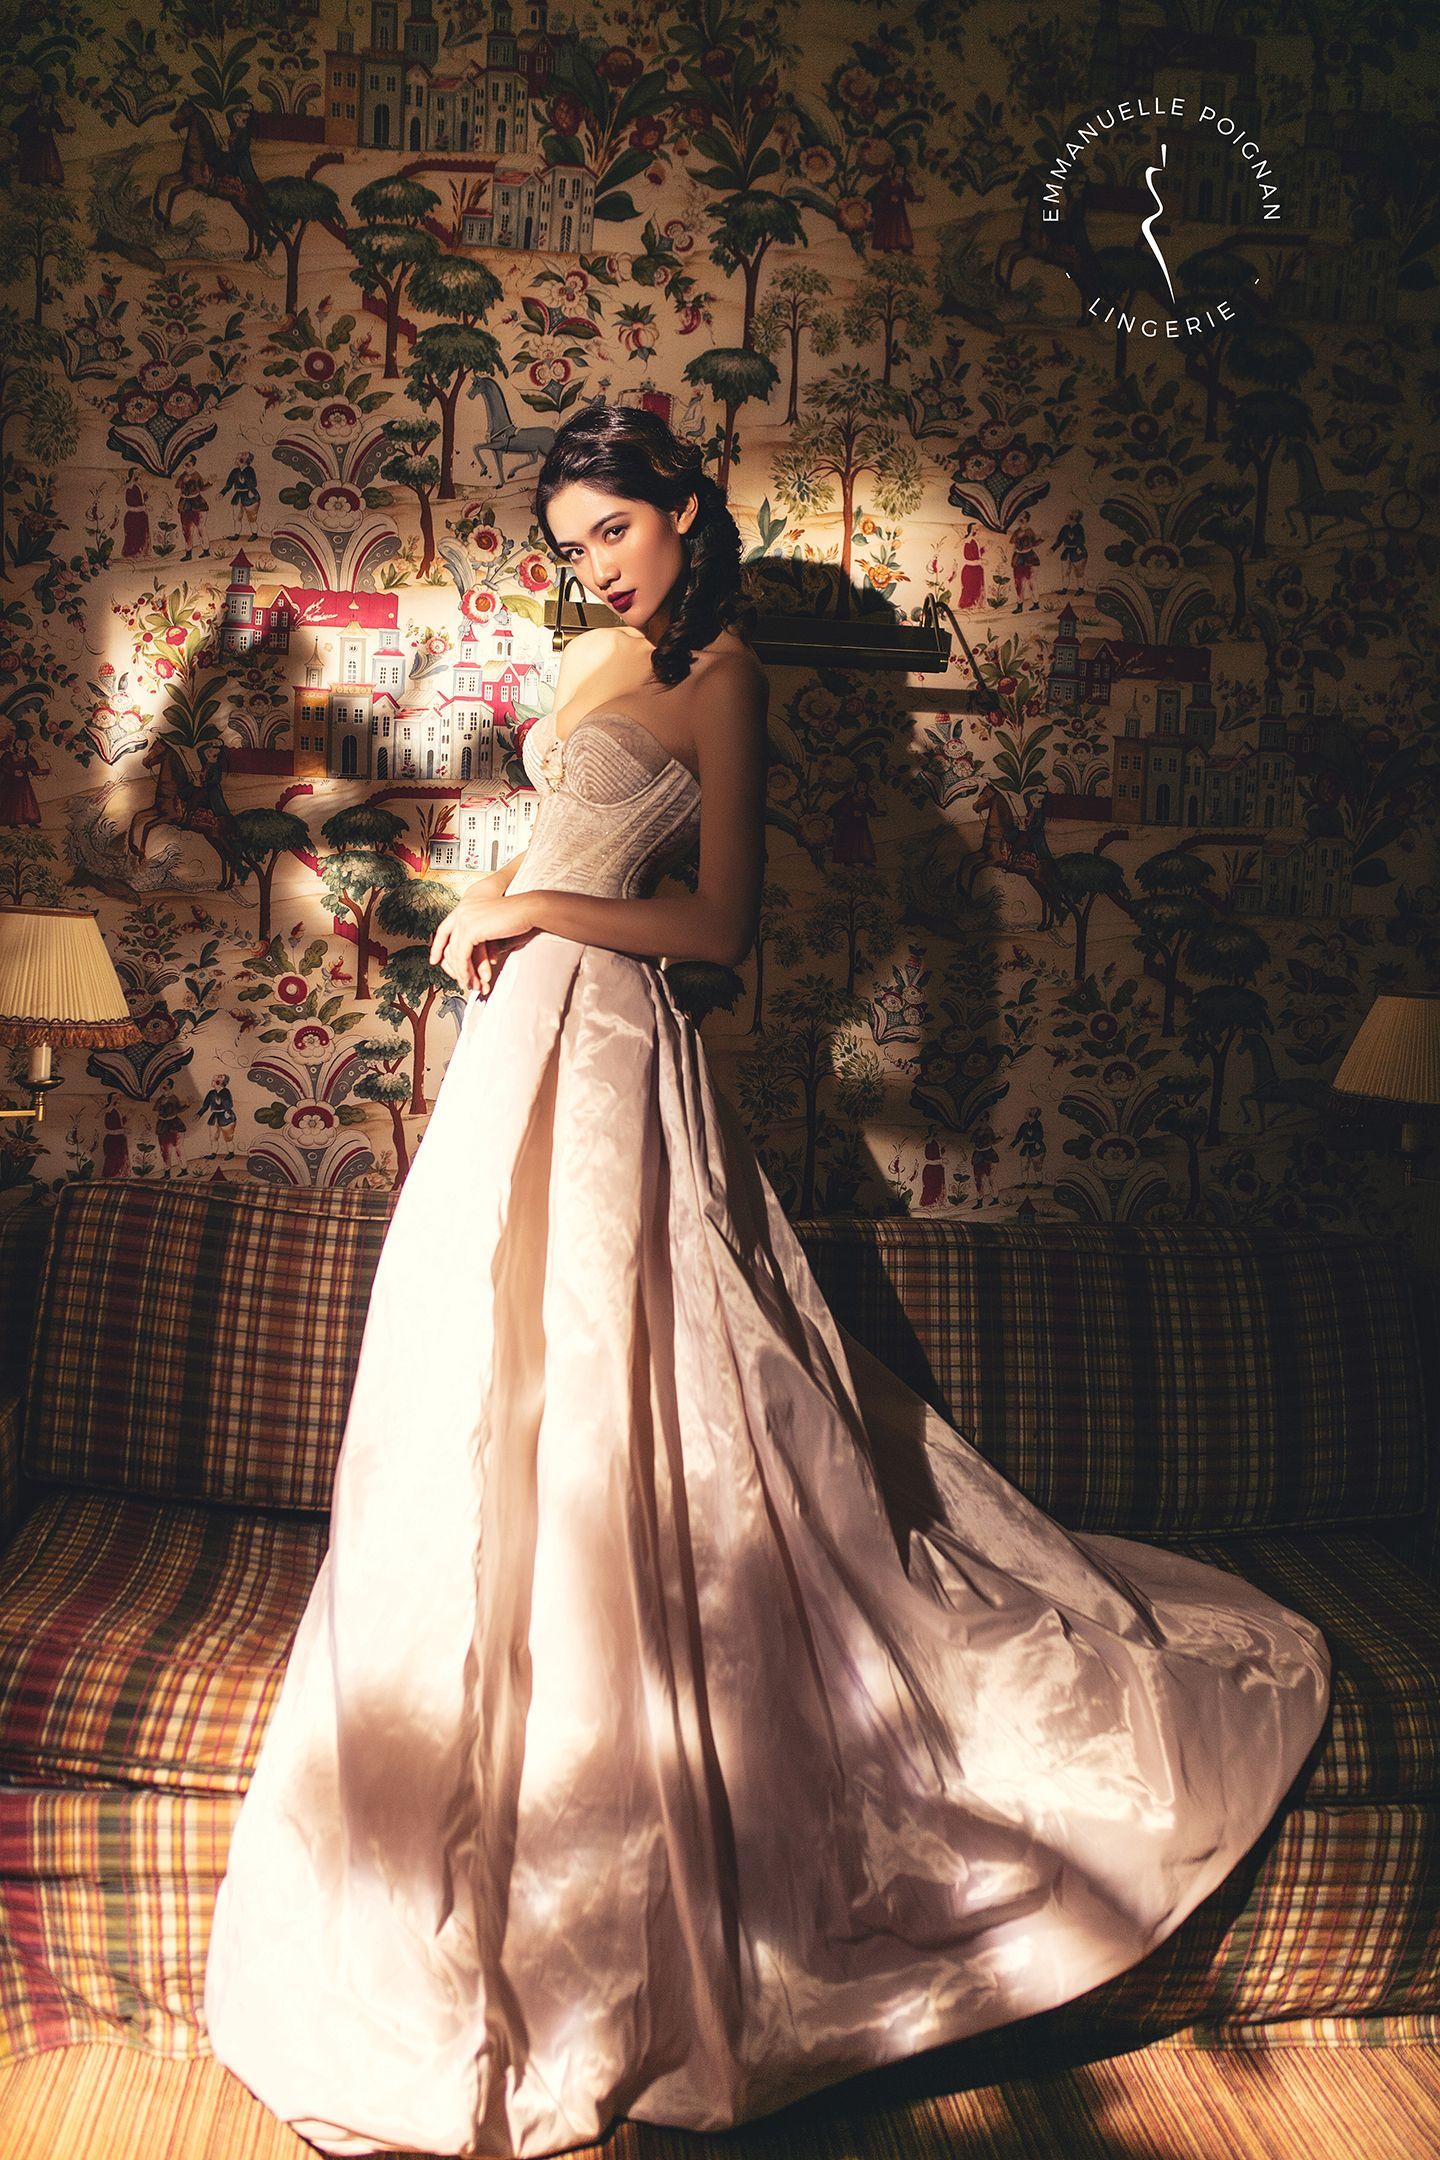 22a43d7b1adf5 Guêpière en dentelle et satin ivoire - Collection Couture la Belle ...